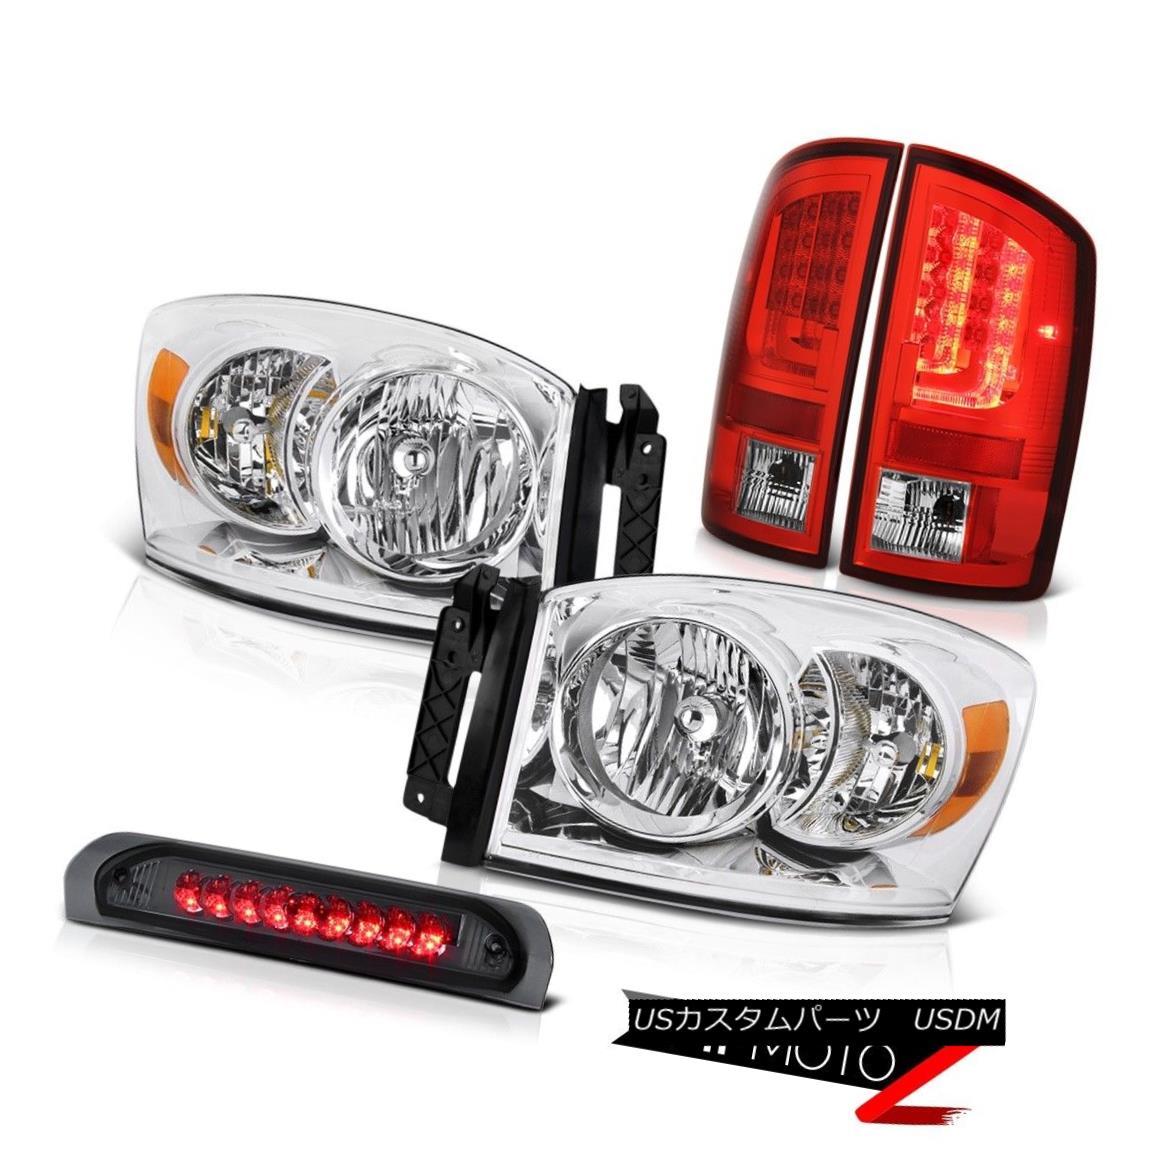 テールライト 2007-2009 Dodge Ram 1500 3.7L Red Tail Lamps Headlamps Roof Brake Light Assembly 2007-2009ダッジラム1500 3.7Lレッドテールランプヘッドランプルーフブレーキライトアセンブリ